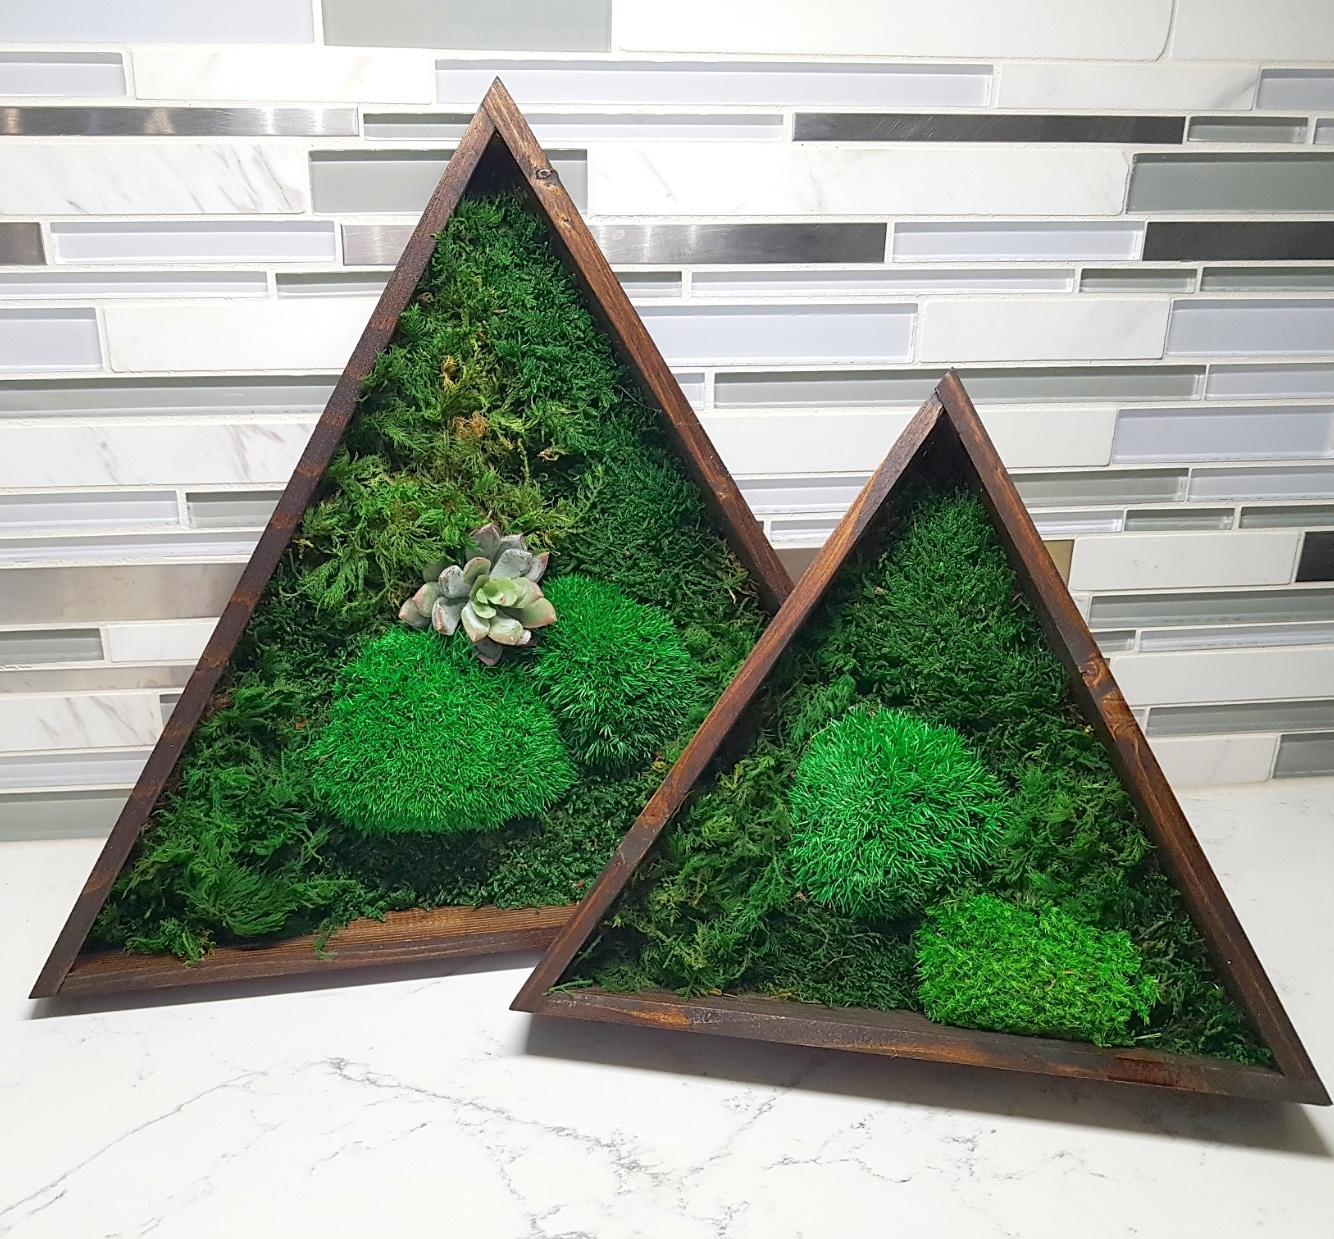 Triangular Mossart